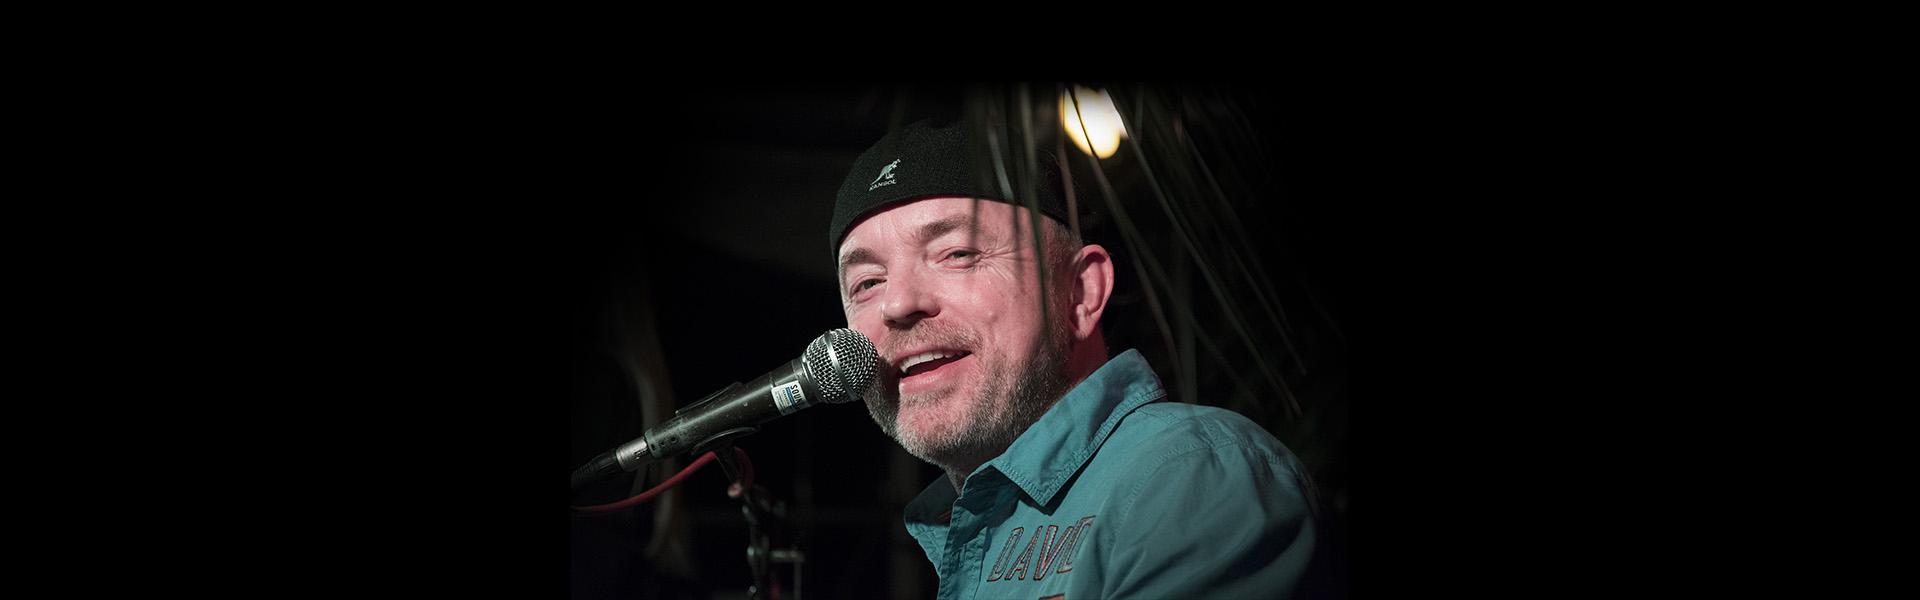 Axel Scheer: Sänger und Keyboarder bei time4music